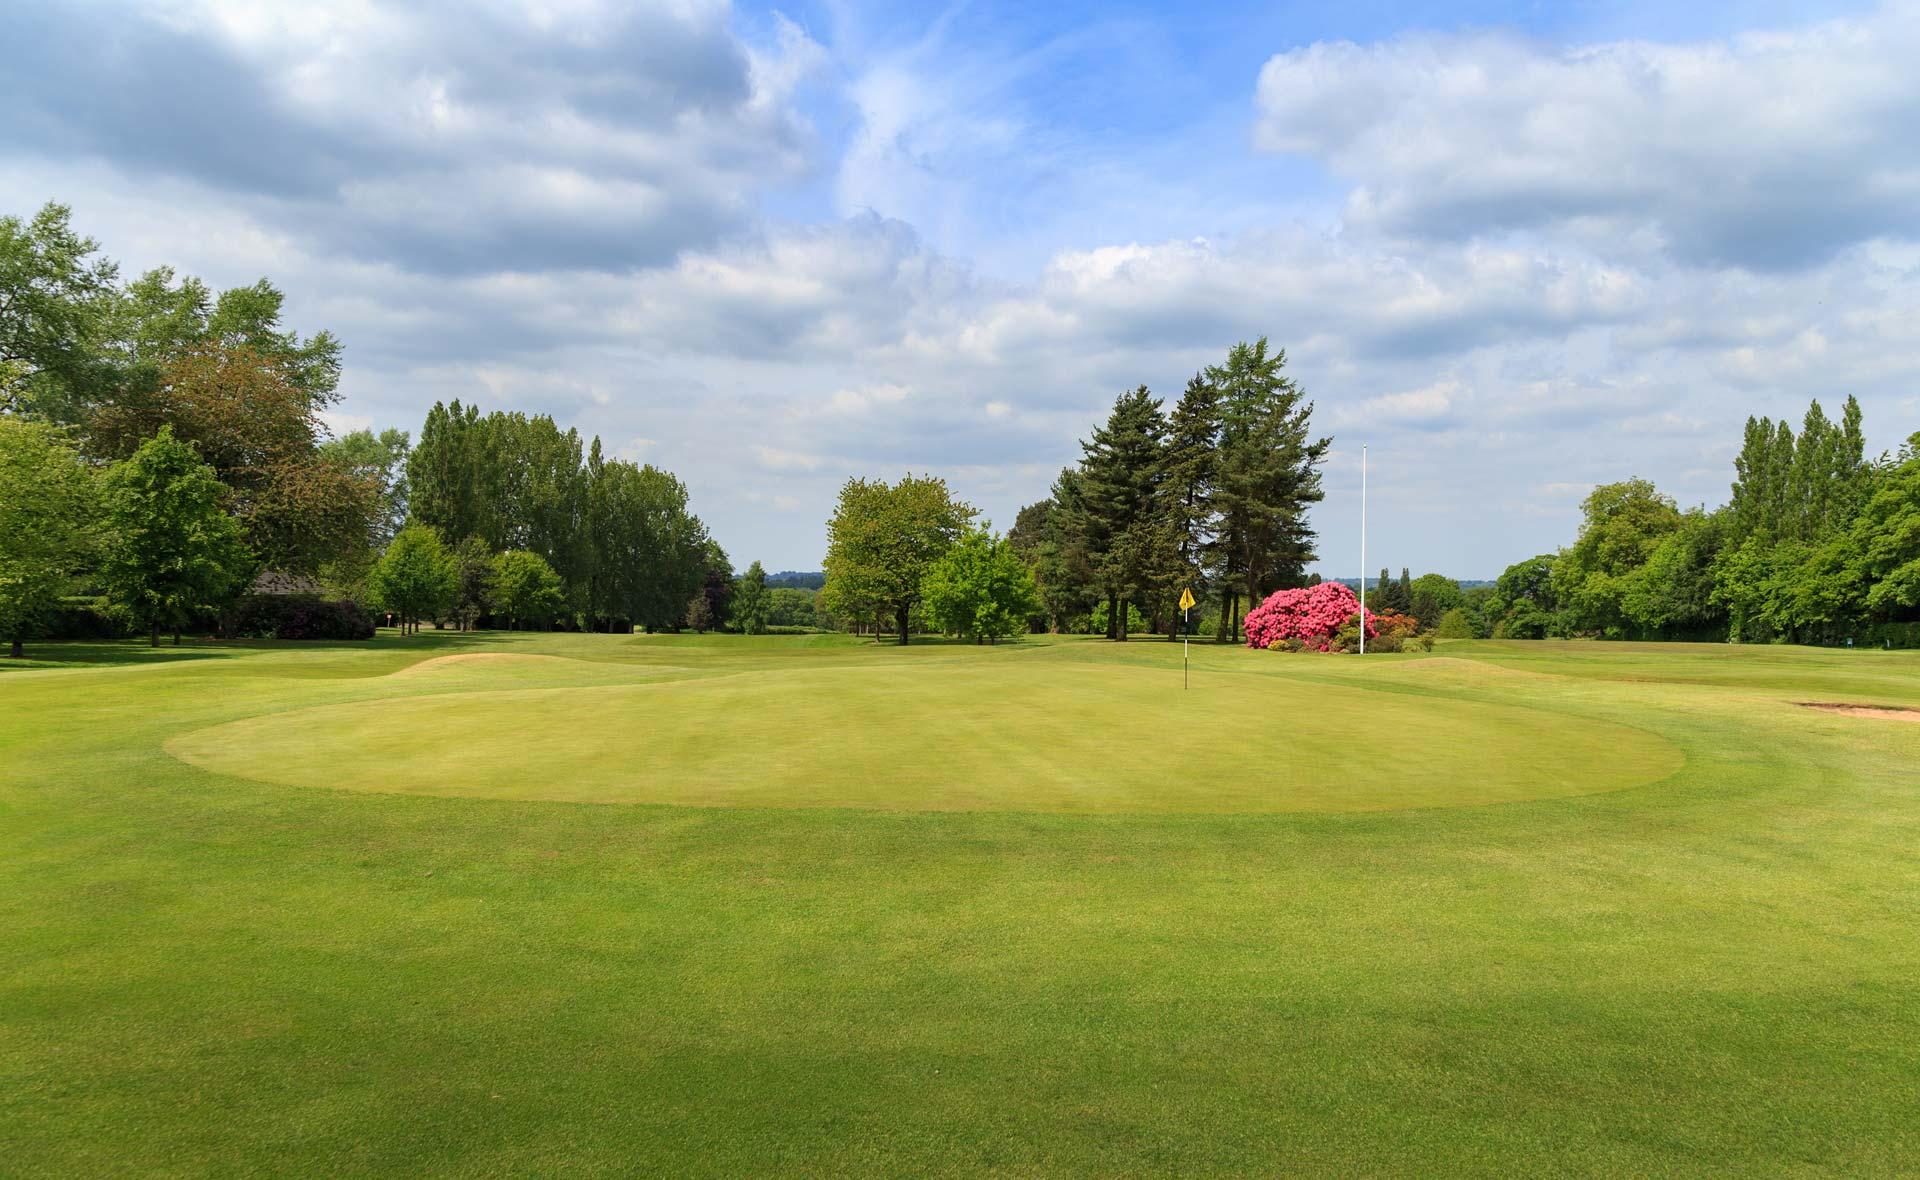 south staffordshire golf club hole 18